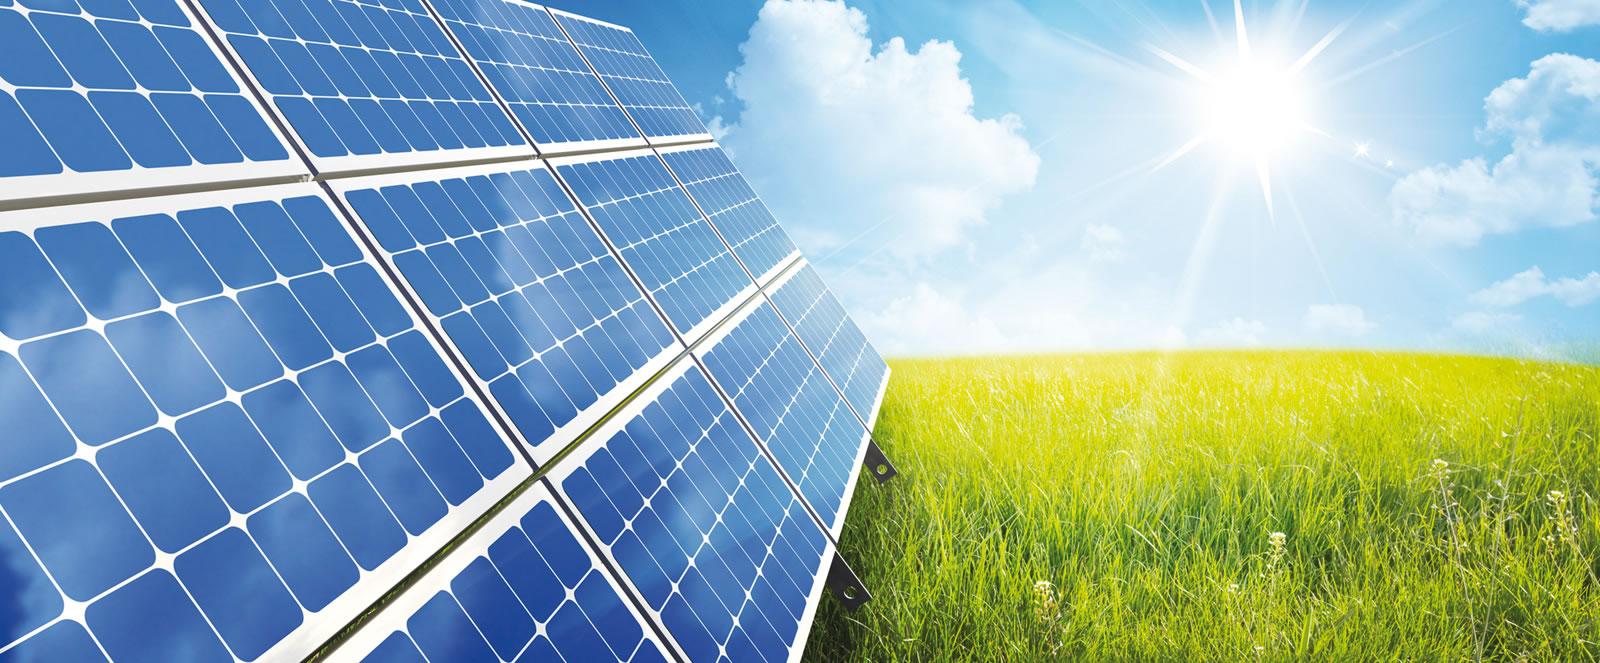 Impianti fotovoltaico: continua il massacro a danno dei consumatori. Non comprateli più porta a porta